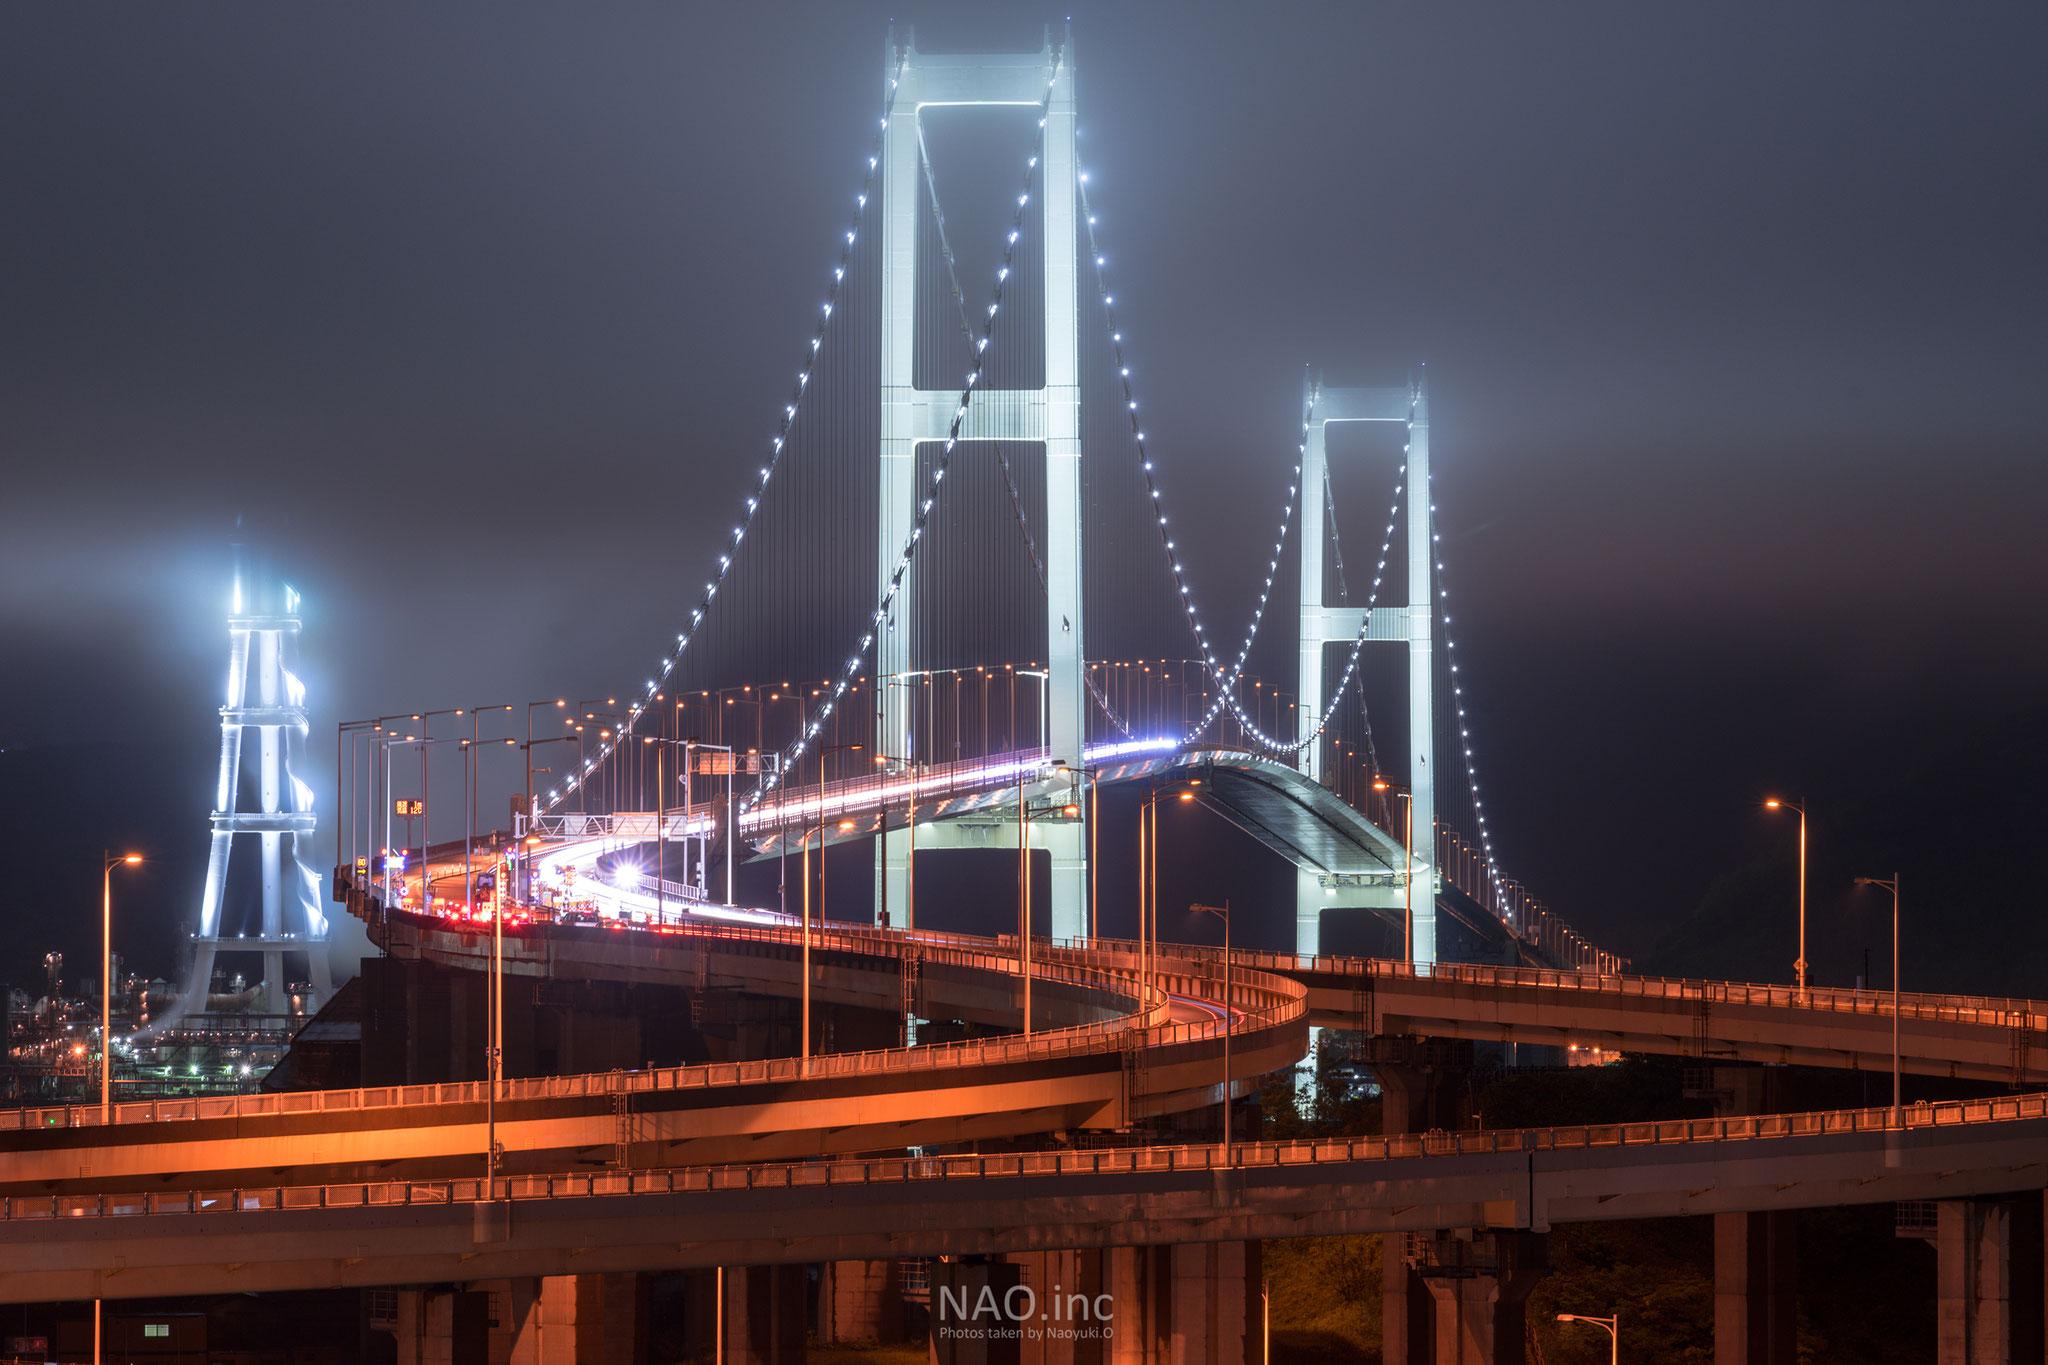 室蘭市白鳥大橋。白鳥大橋には霧が似合う「撮りフェスin室蘭」入選